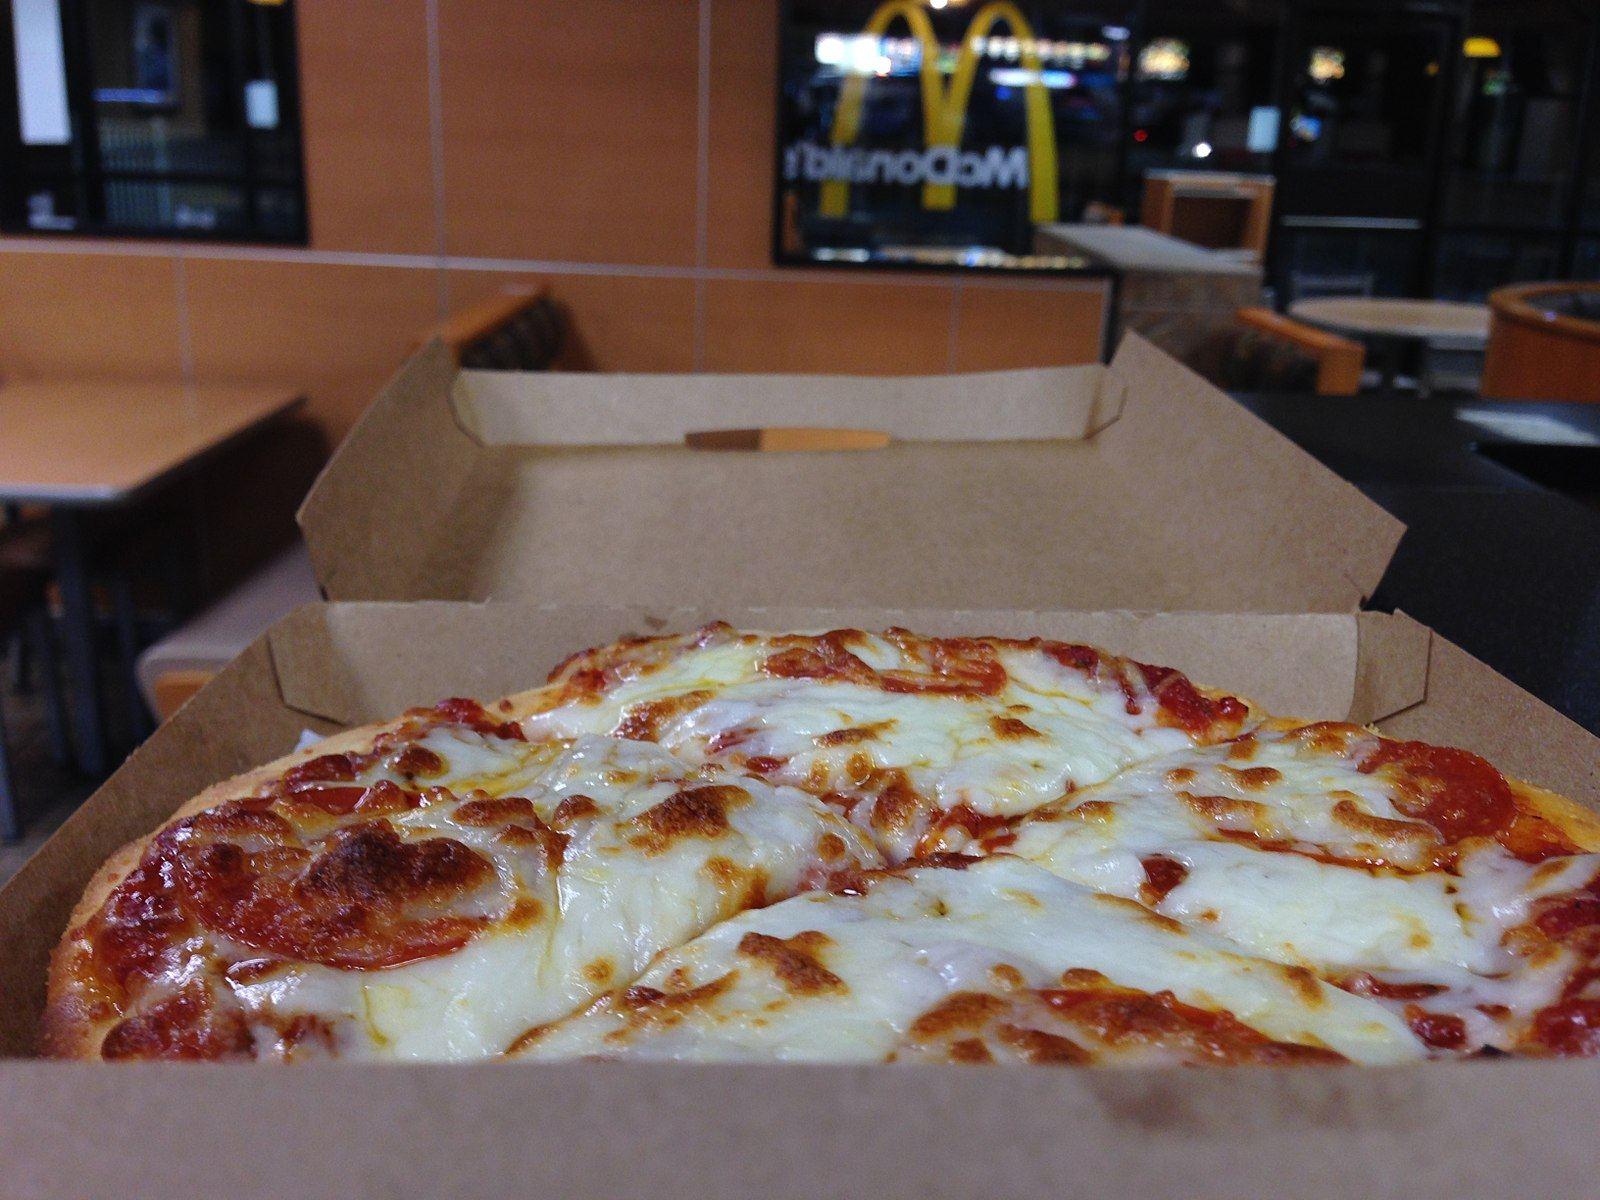 McDonald's pizza